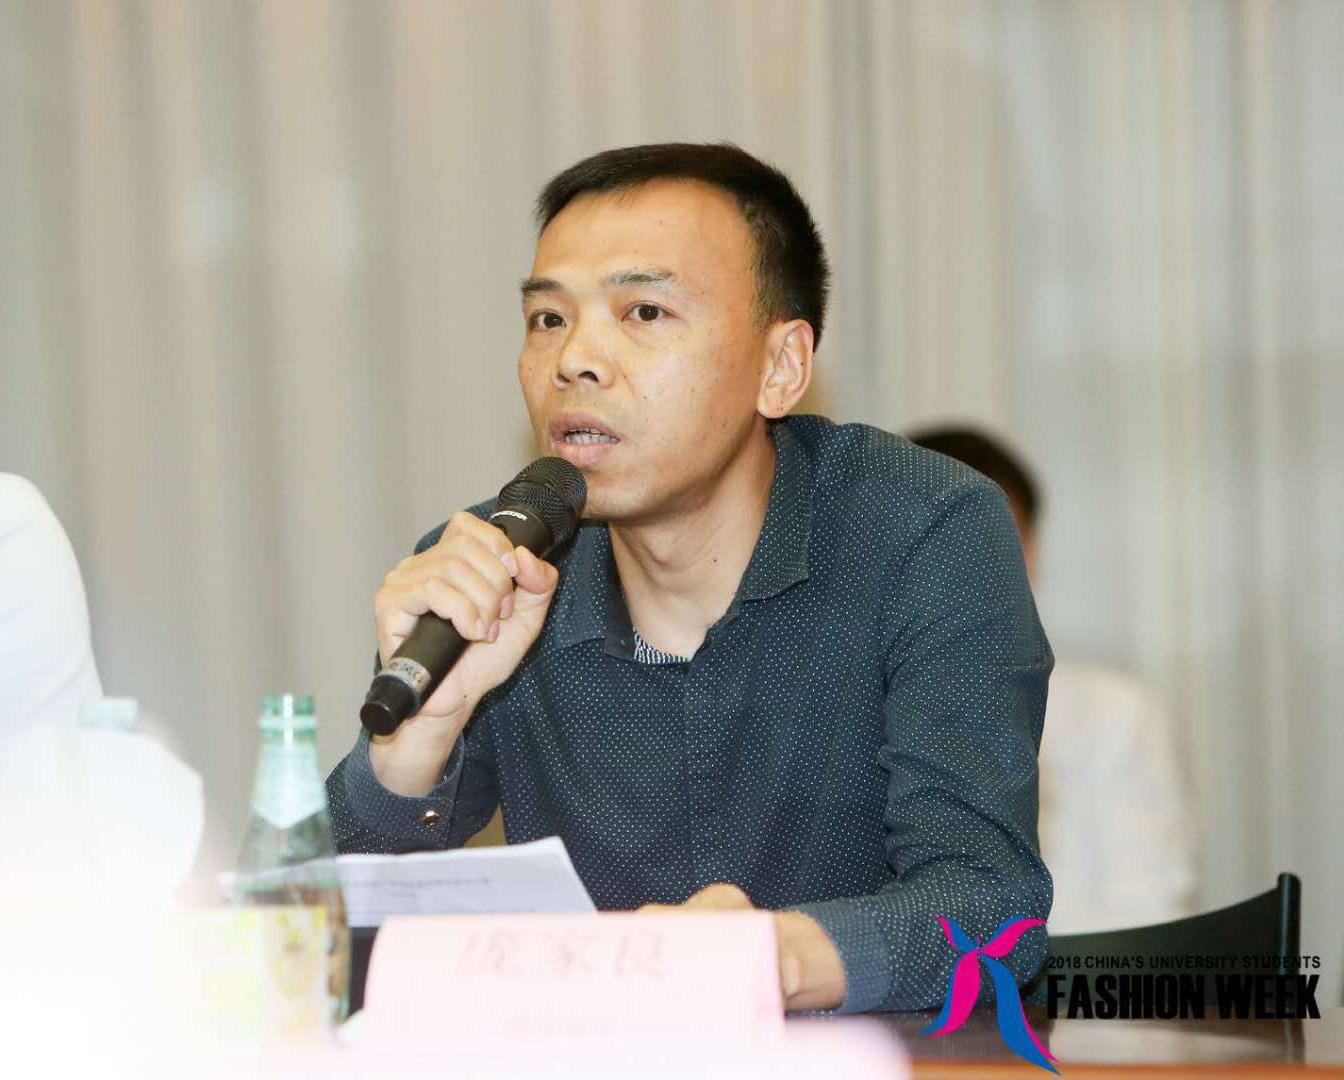 2018中国(广东)大学生时装周专访锐志布行:他们的设计指引我们方向